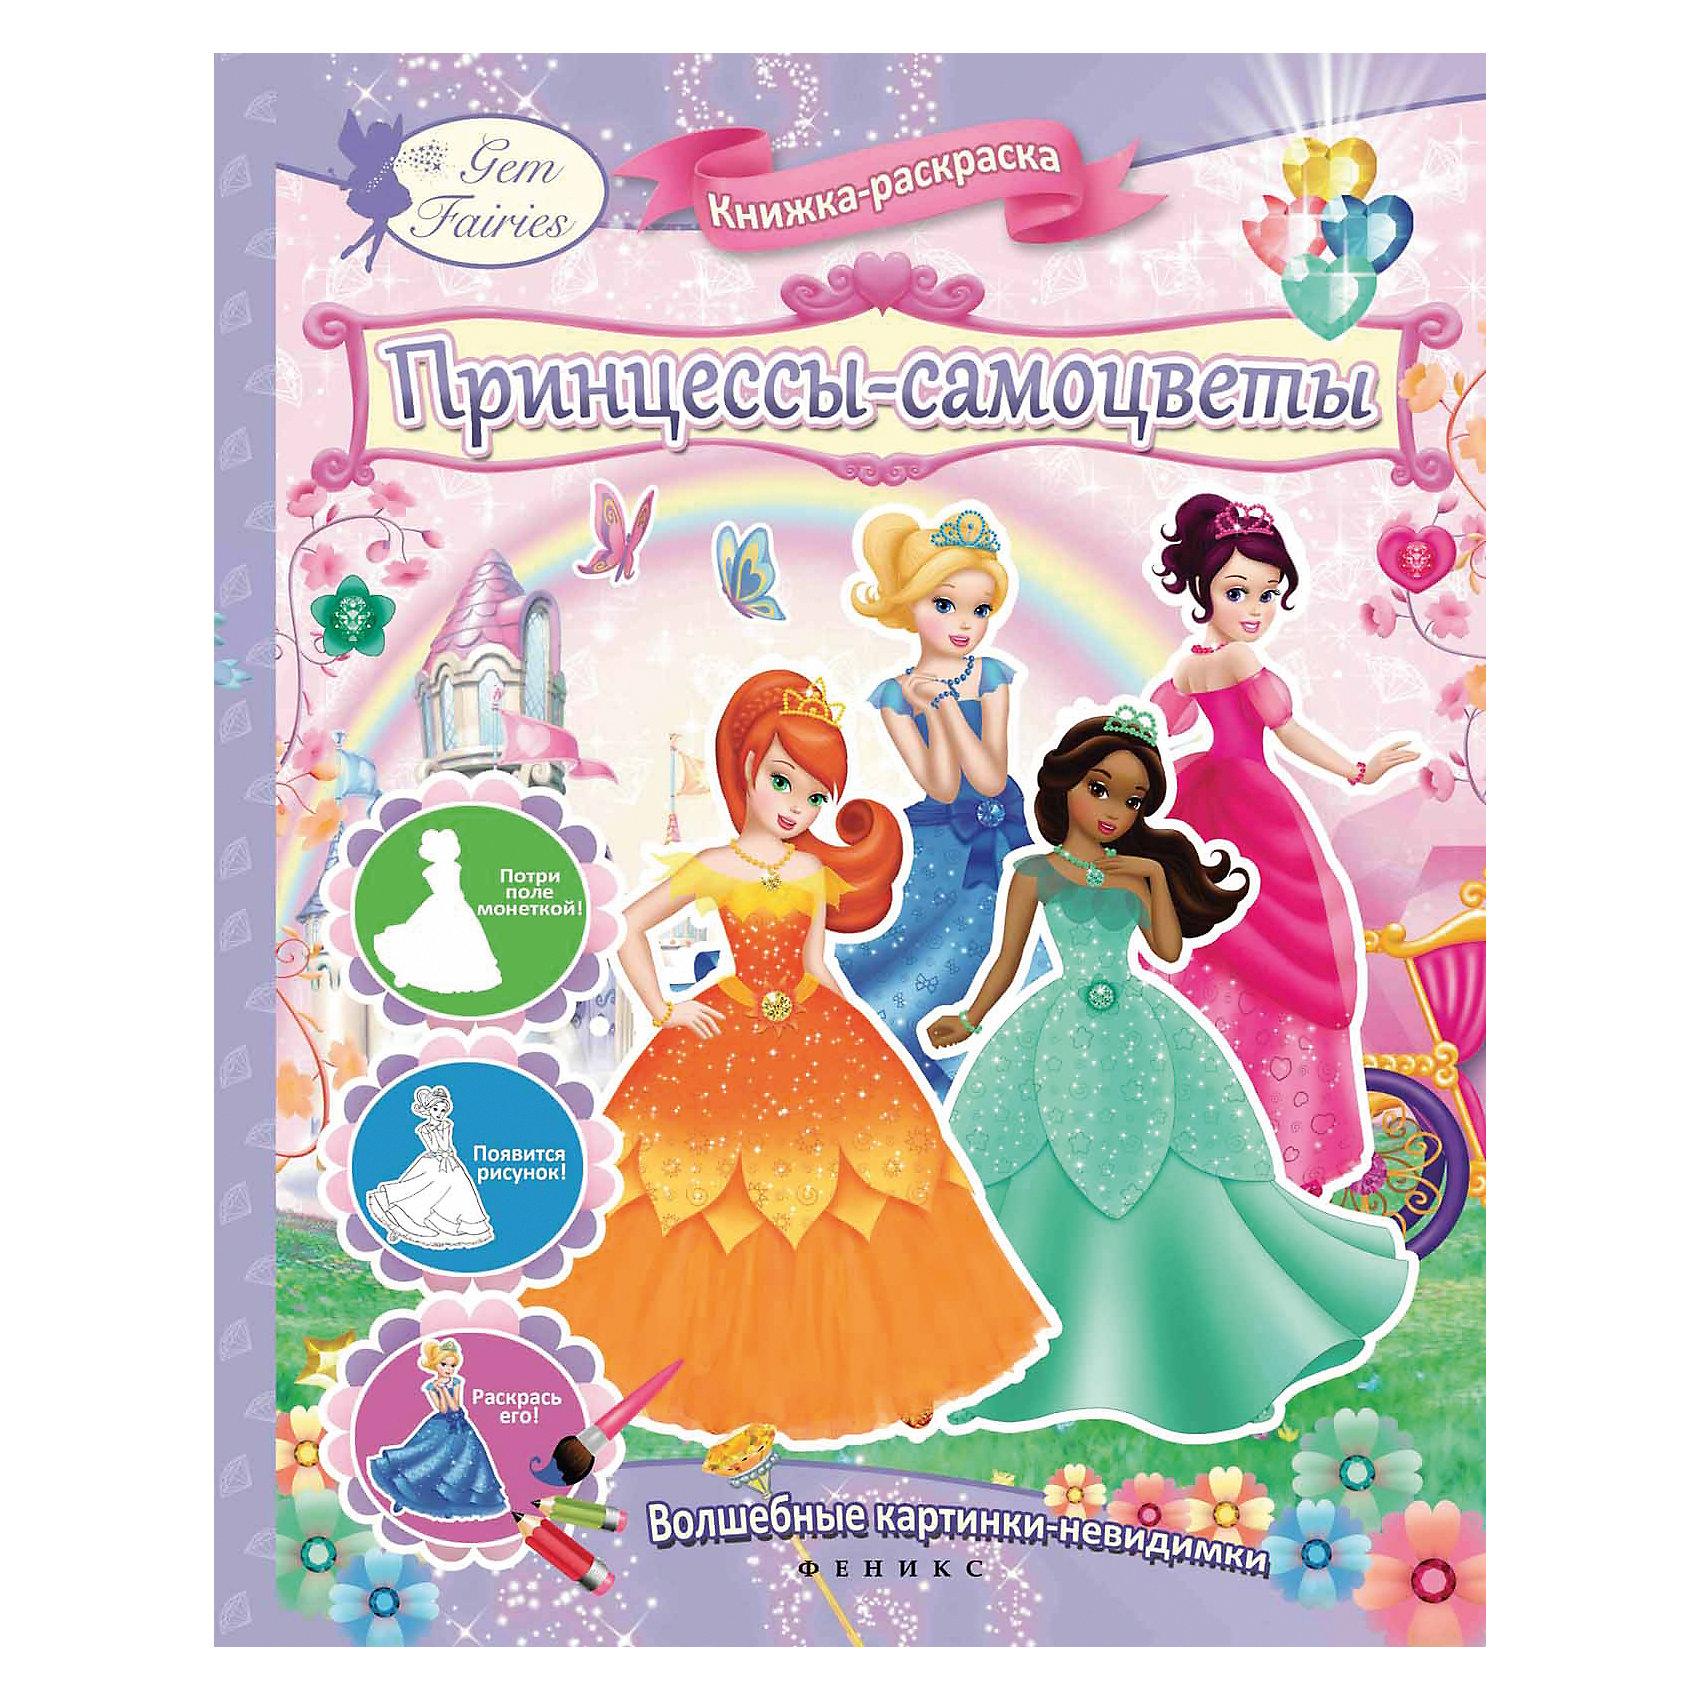 Книжка-раскраска Принцессы-самоцветыКнижка-раскраска Принцессы-самоцветы<br><br>Характеристики: <br><br>• Кол-во страниц: 8<br>• ISBN: 9785222248966<br>• Возраст: 0+<br>• Обложка: мягкая<br>• Формат: а4<br><br>Серия этих замечательных раскрасок известна уже во всем мире, а теперь появилась и в России! Волшебство этих раскрасок в том, что изначально это раскраски-невидимки - а для того, чтобы появились иллюстрации, необходимо потереть монеткой белую картинку. Героями иллюстраций являются принцессы Рубин, Янтарь, Изумруд и Сапфир. Работая с этой раскраской, ребенок развивает мелкую моторику и учится использовать цвета.<br><br>Книжка-раскраска Принцессы-самоцветы можно купить в нашем интернет-магазине.<br><br>Ширина мм: 260<br>Глубина мм: 199<br>Высота мм: 10<br>Вес г: 49<br>Возраст от месяцев: -2147483648<br>Возраст до месяцев: 2147483647<br>Пол: Женский<br>Возраст: Детский<br>SKU: 5464534